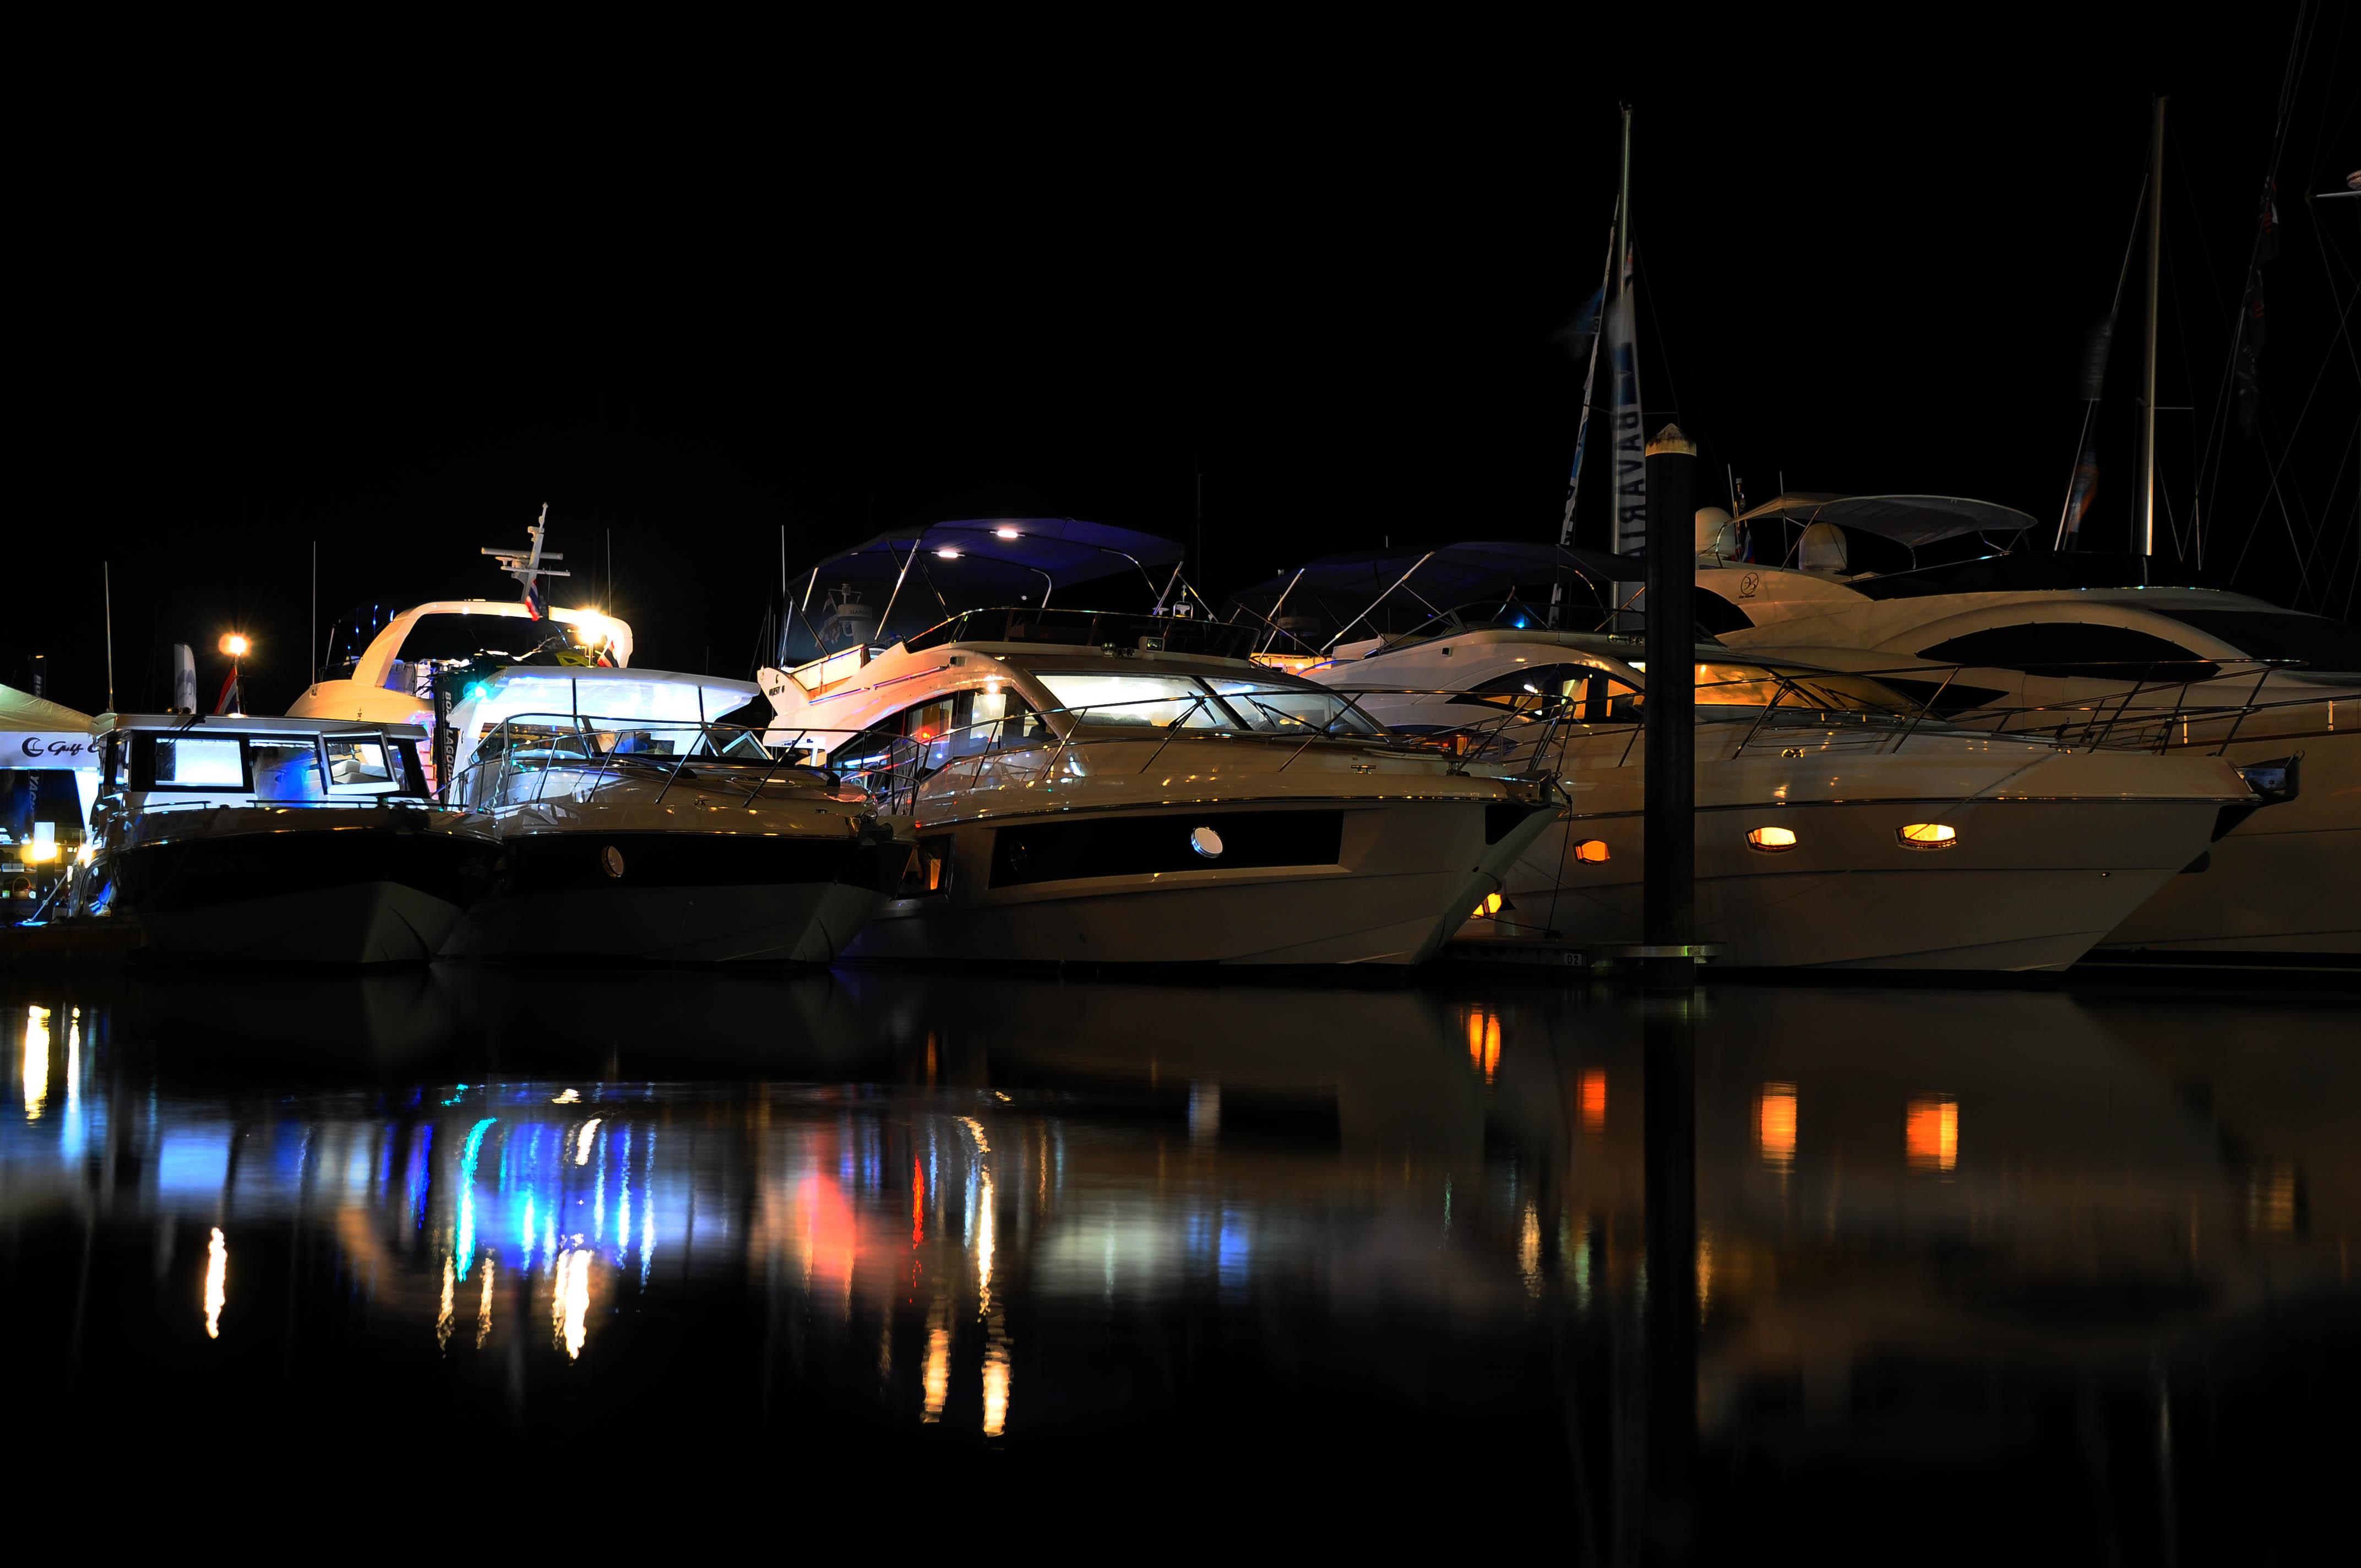 yachtsdockdarker